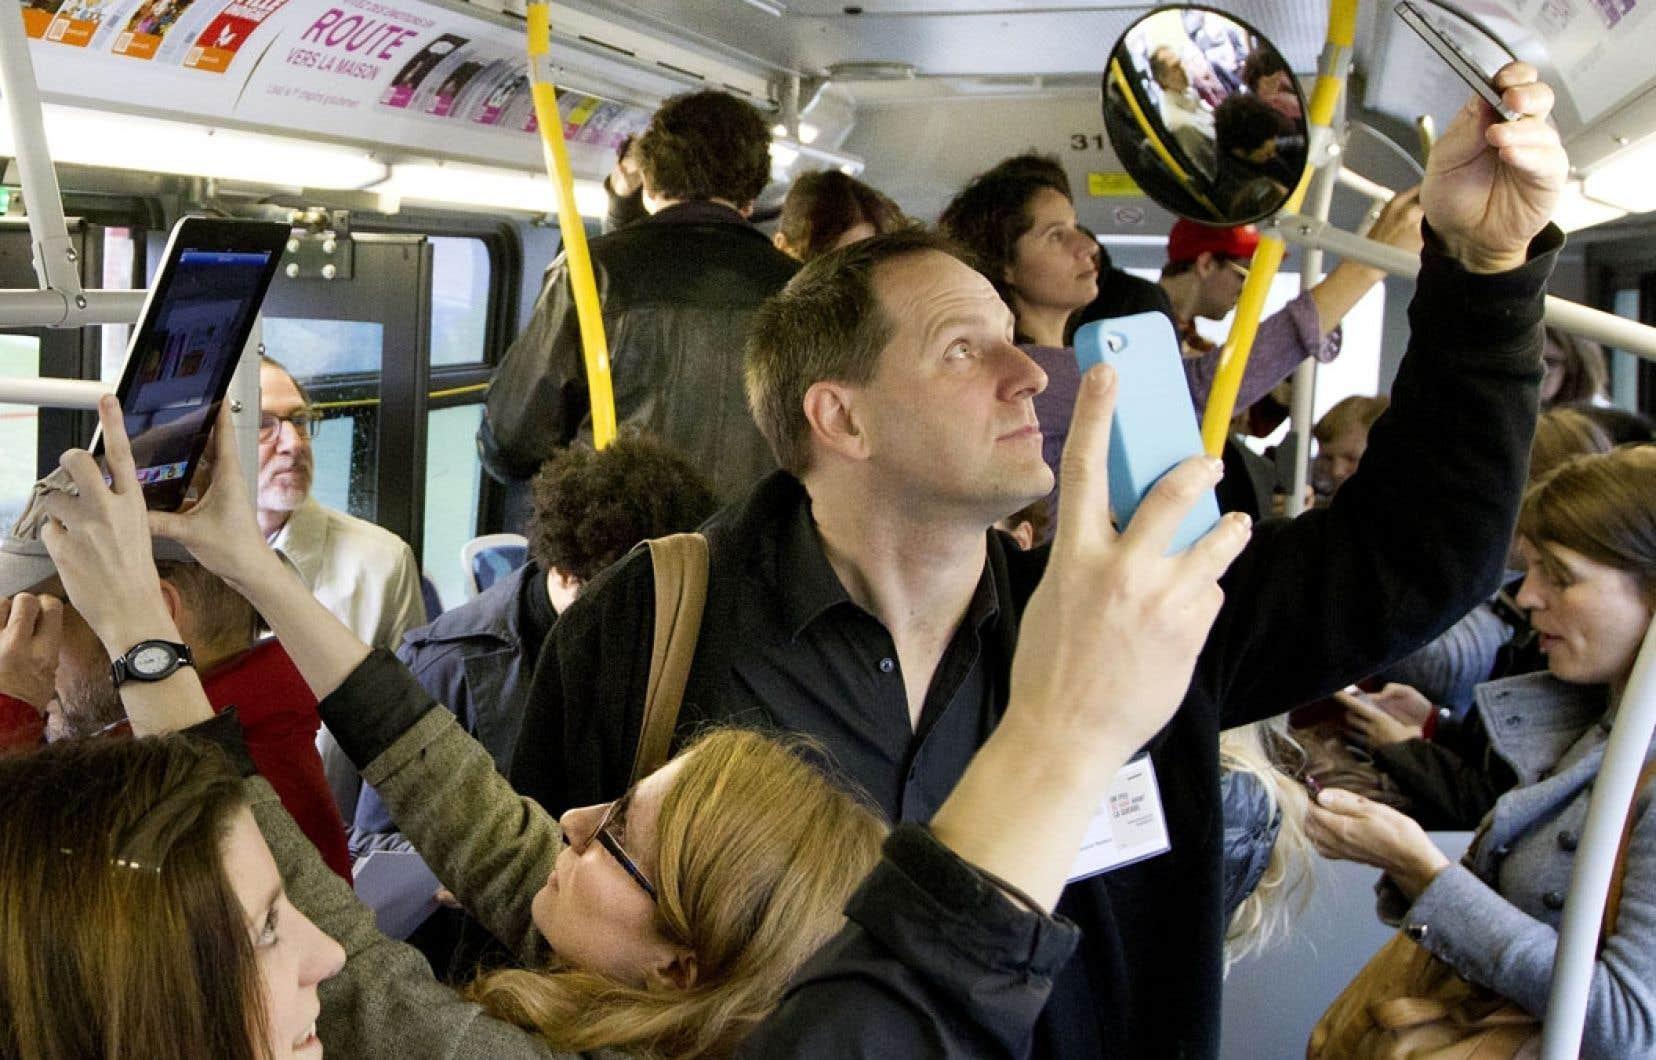 La bibliothèque numérique a été lancée en présence de nombreux auteurs, dont Jean-François Nadeau, en octobre dernier dans un autobus montréalais.